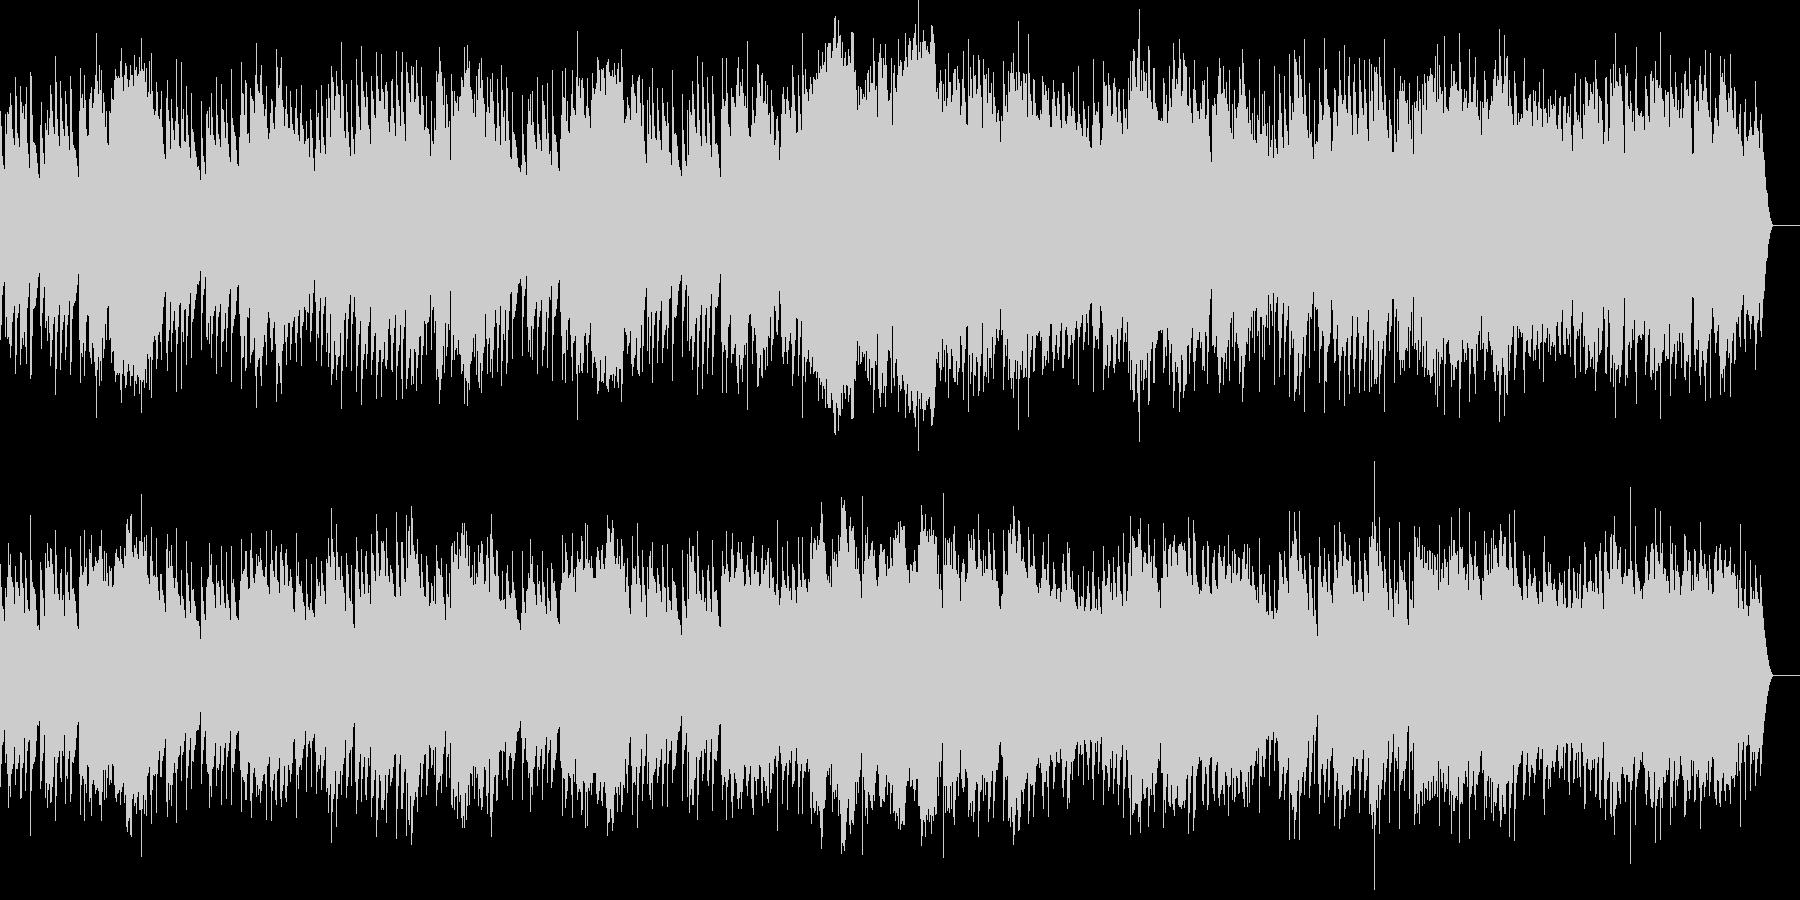 第2曲 行進曲(オルゴール)の未再生の波形